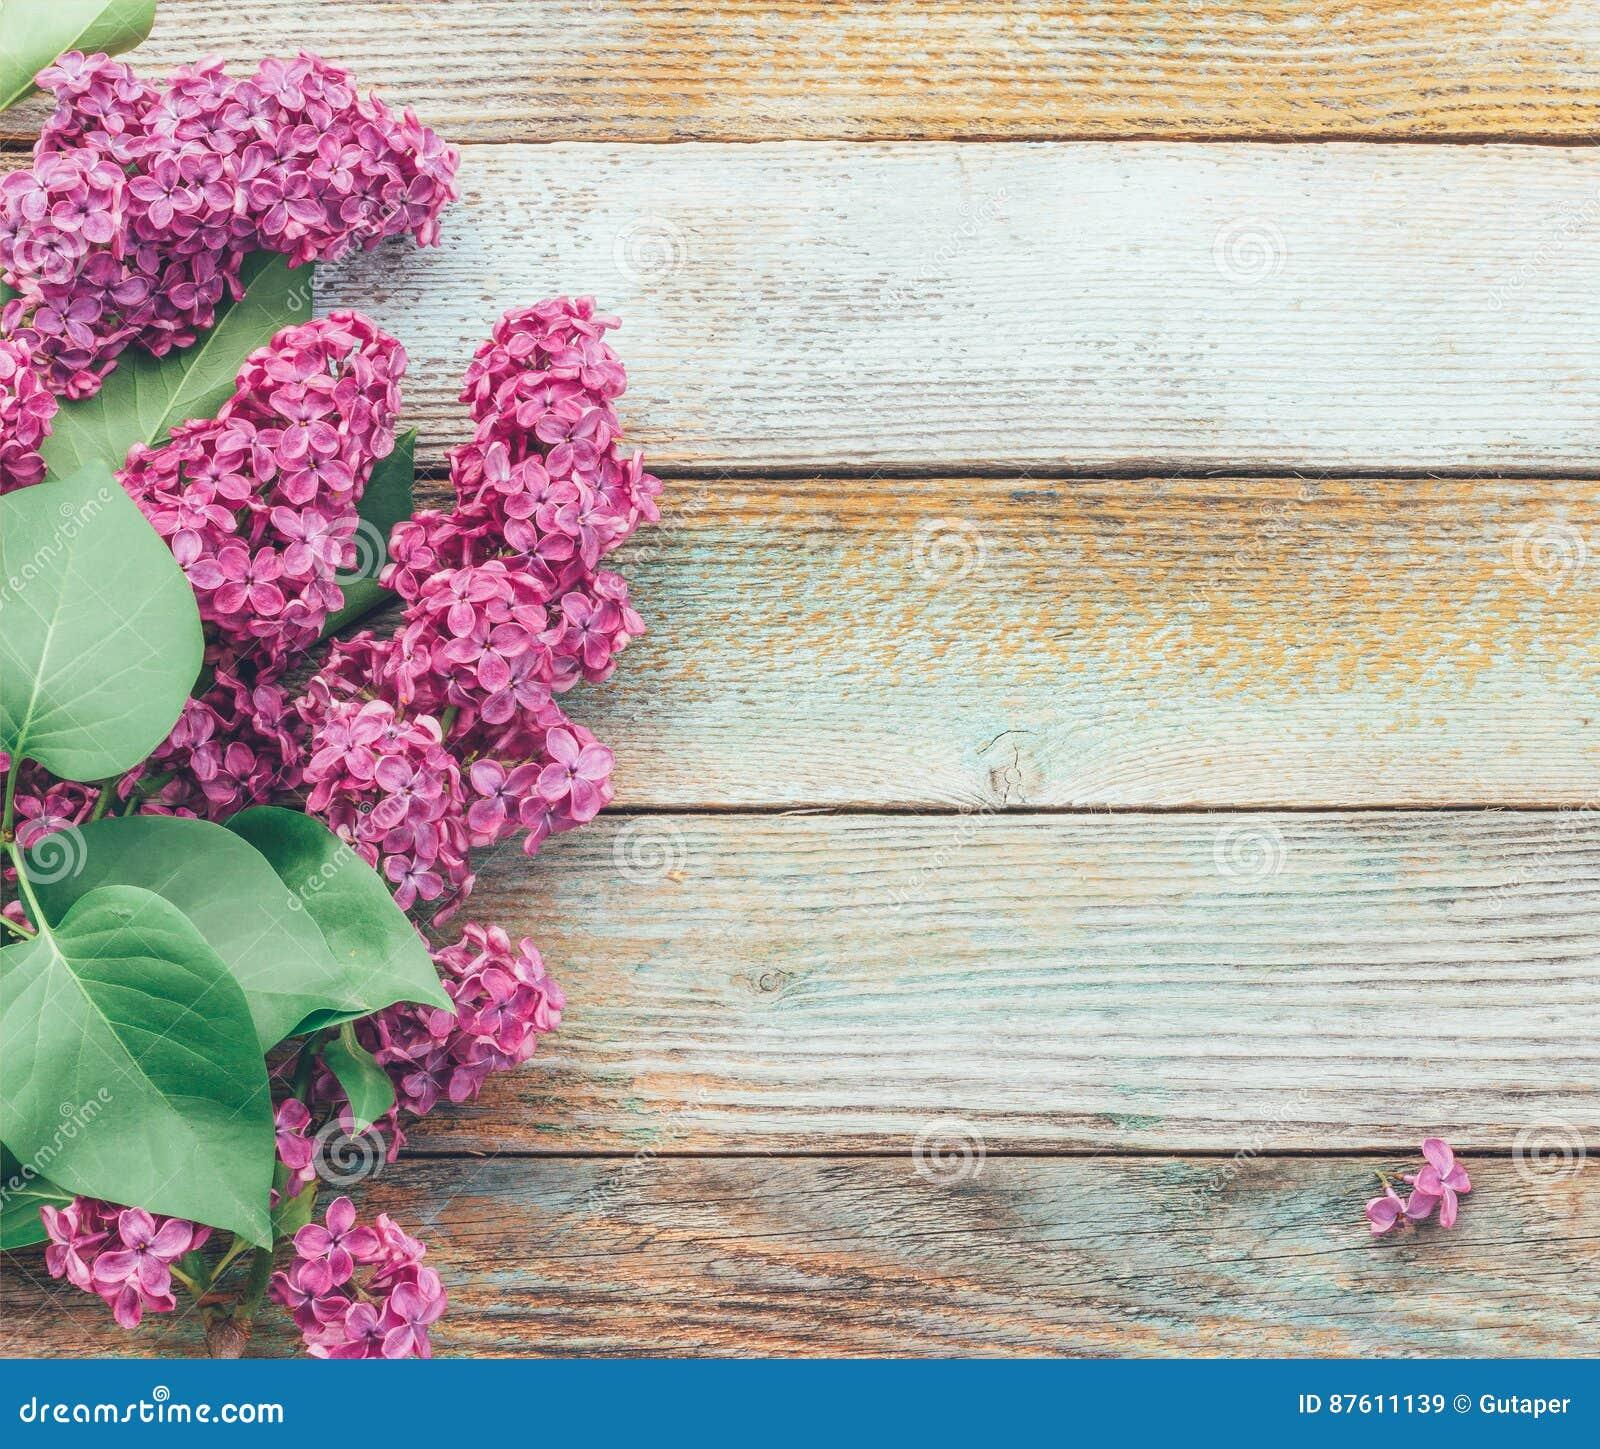 Υπόβαθρο άνοιξη με μια ανθοδέσμη των ιωδών λουλουδιών στην ξύλινη σανίδα